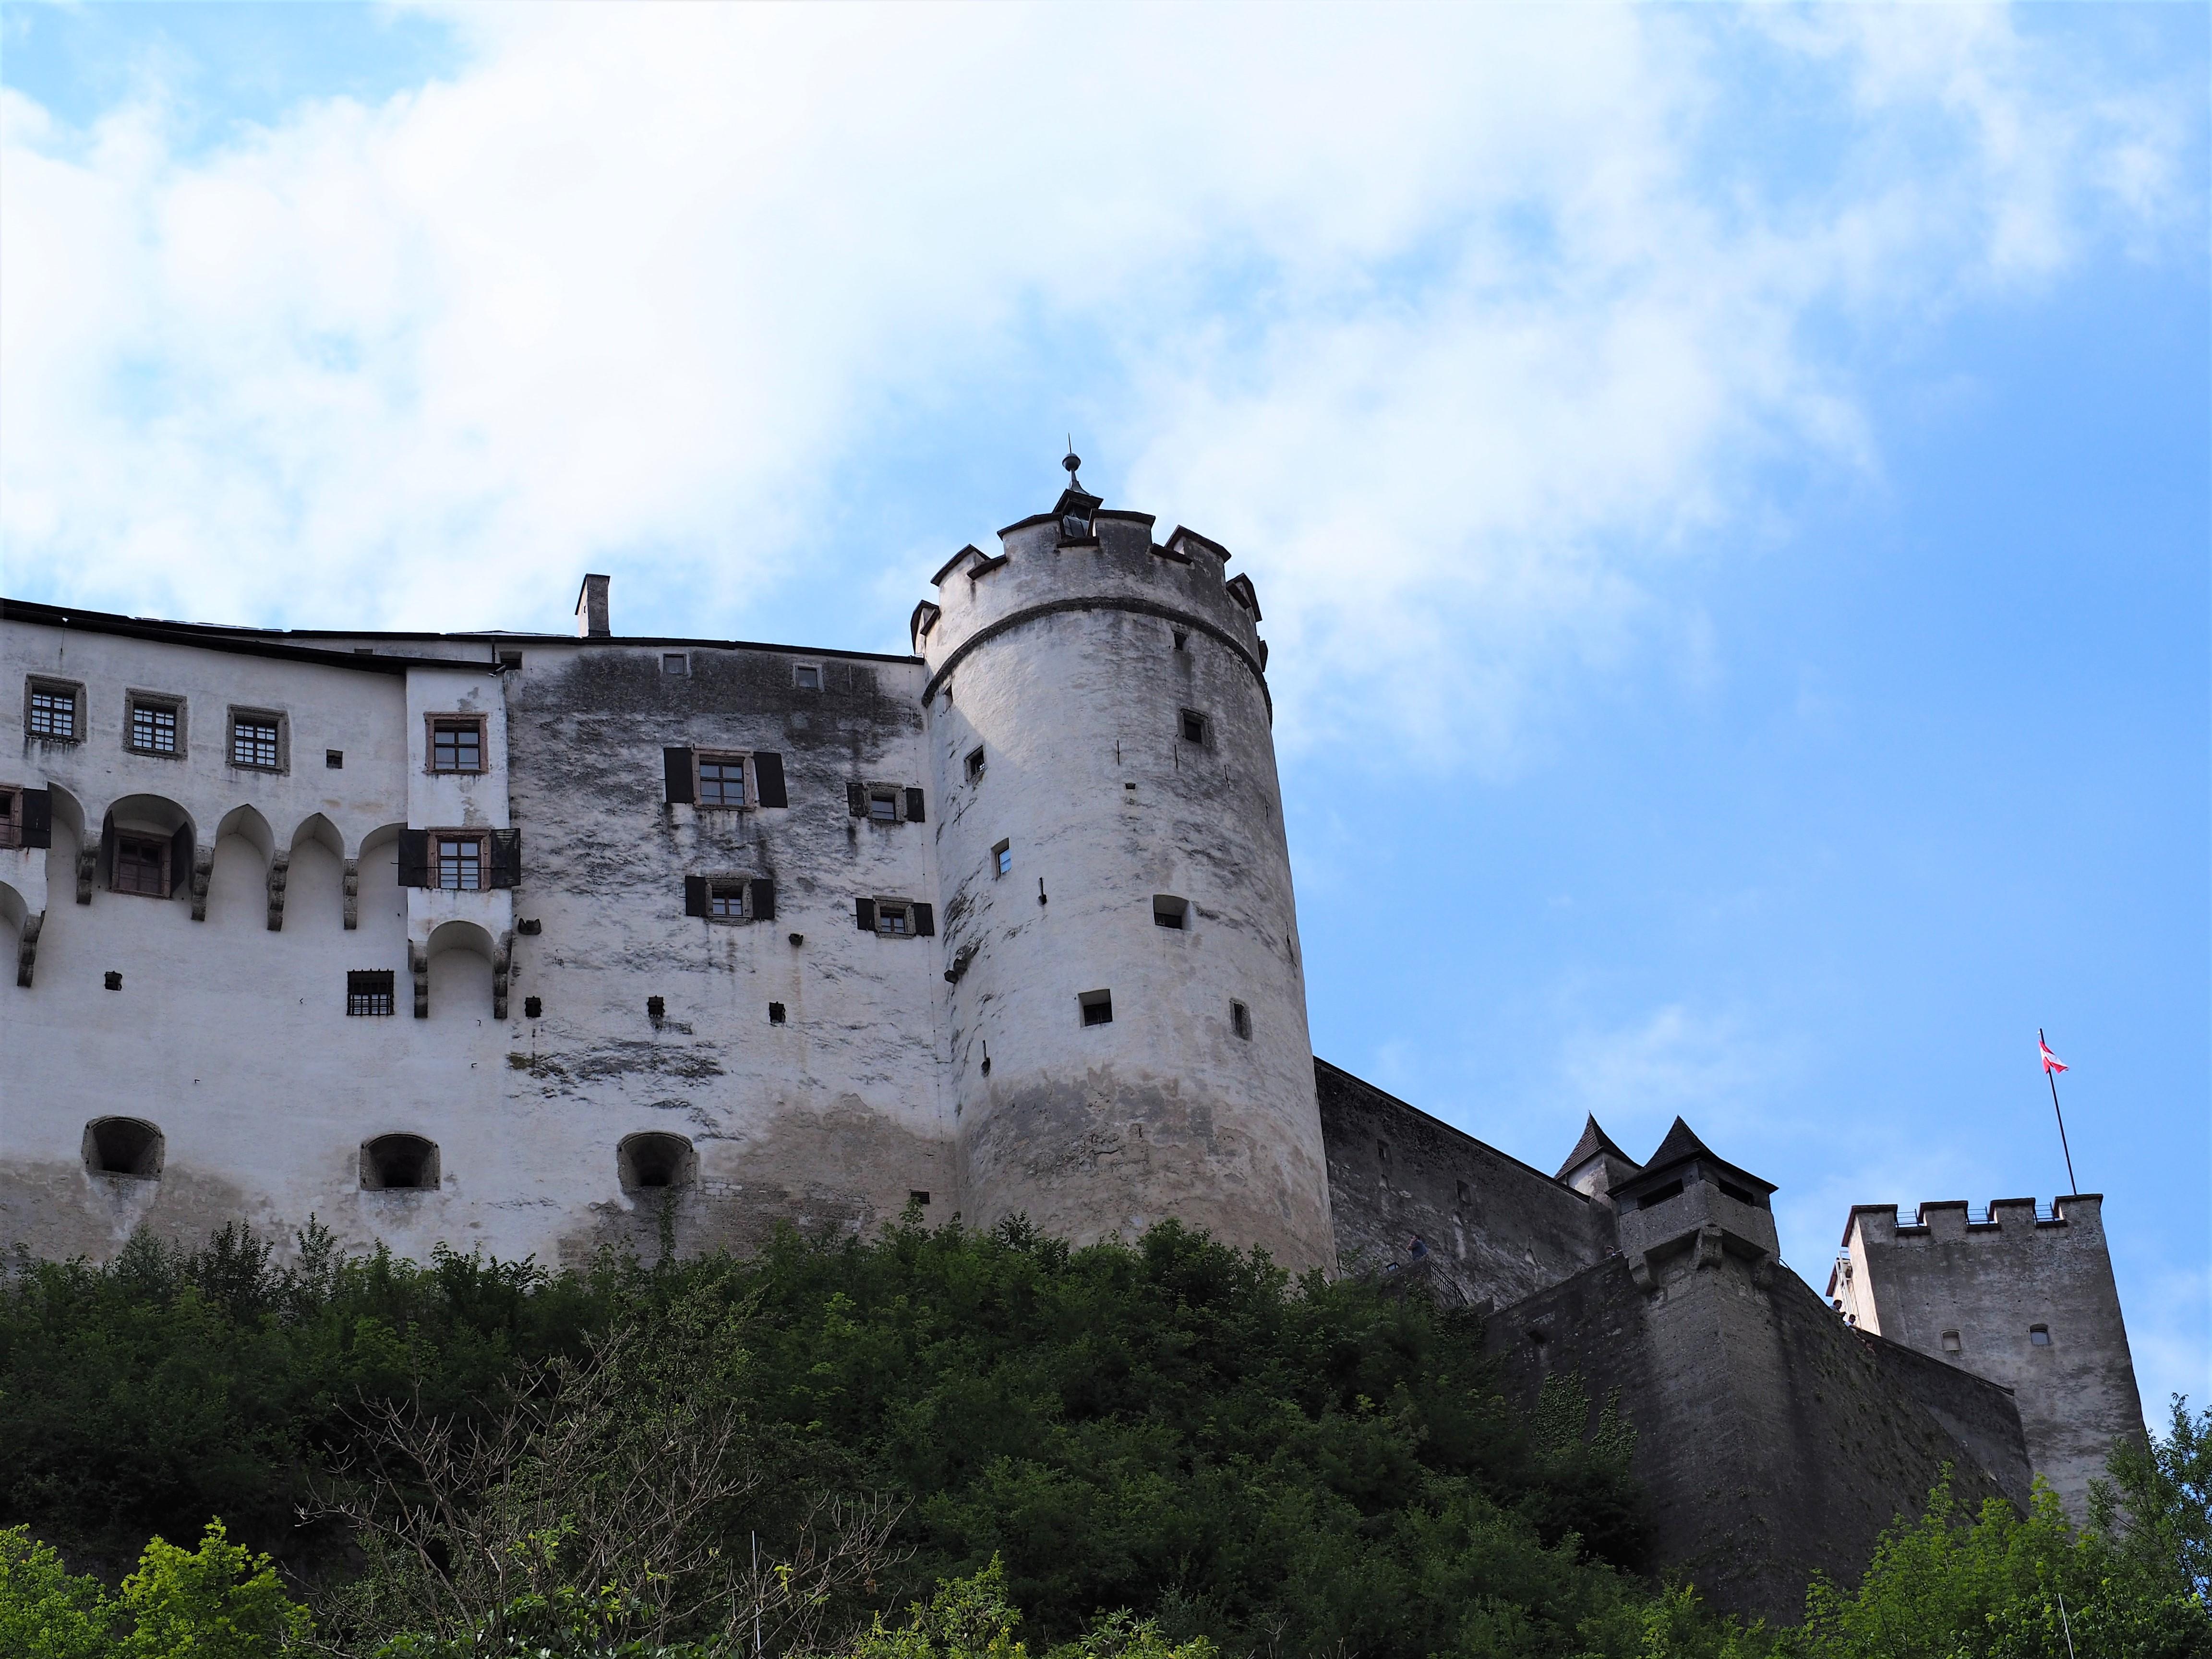 forteresse-de-hohensalzburg-salzbourg-autriche.jpg